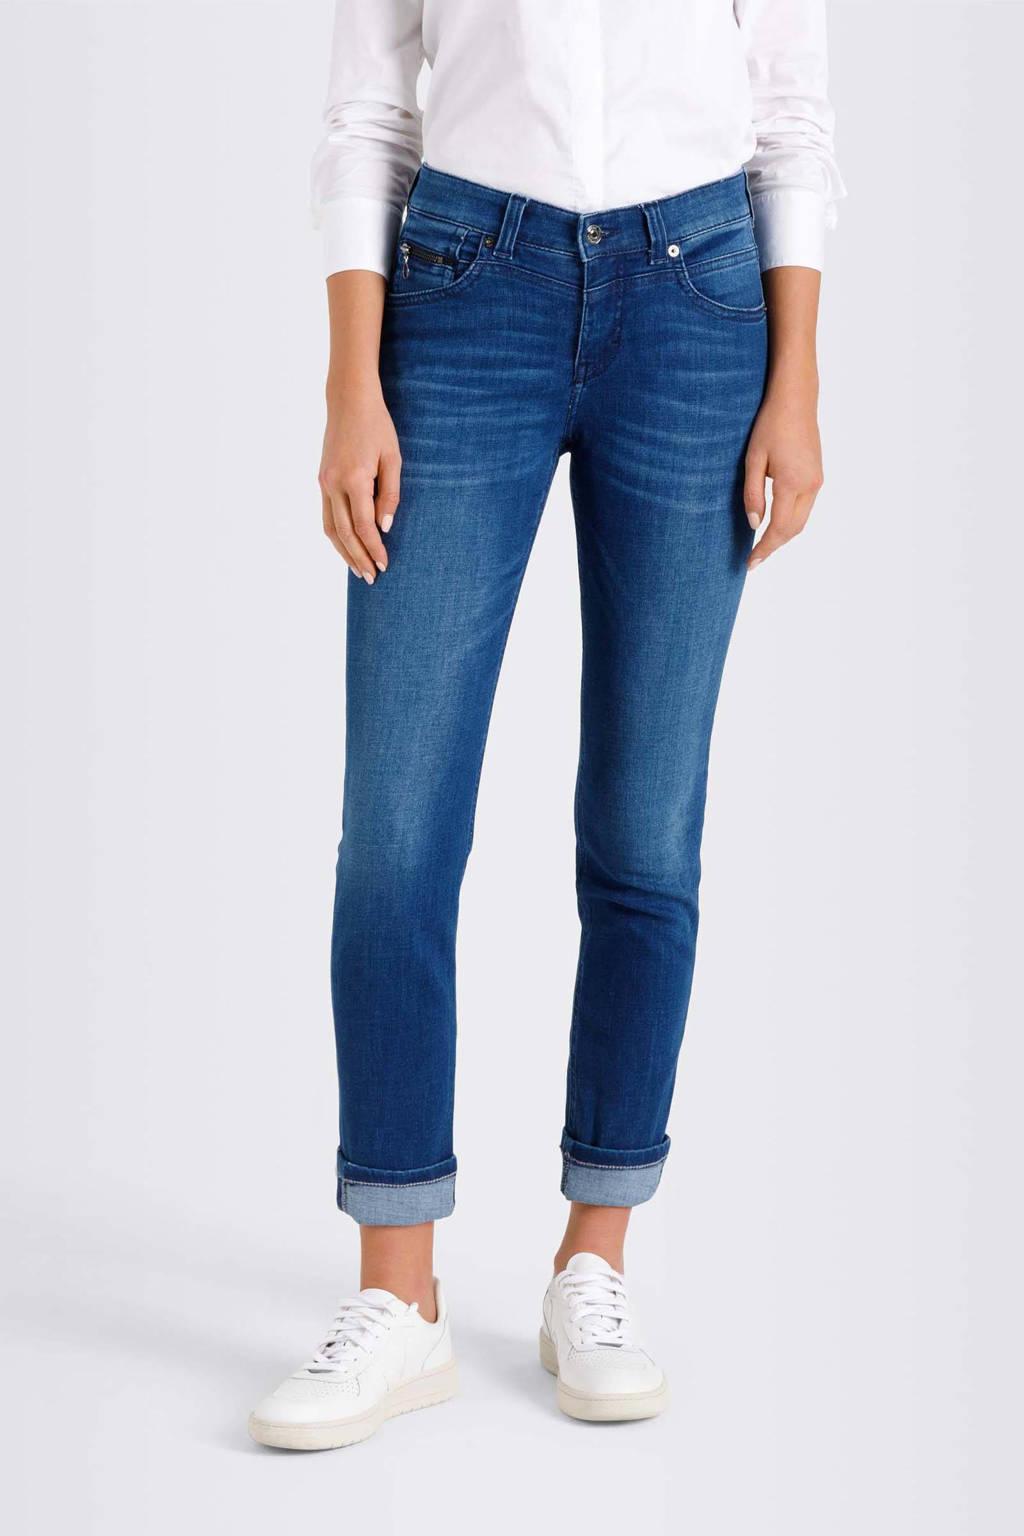 MAC slim fit jeans Rich d481 authentic blue, D481 authentic blue